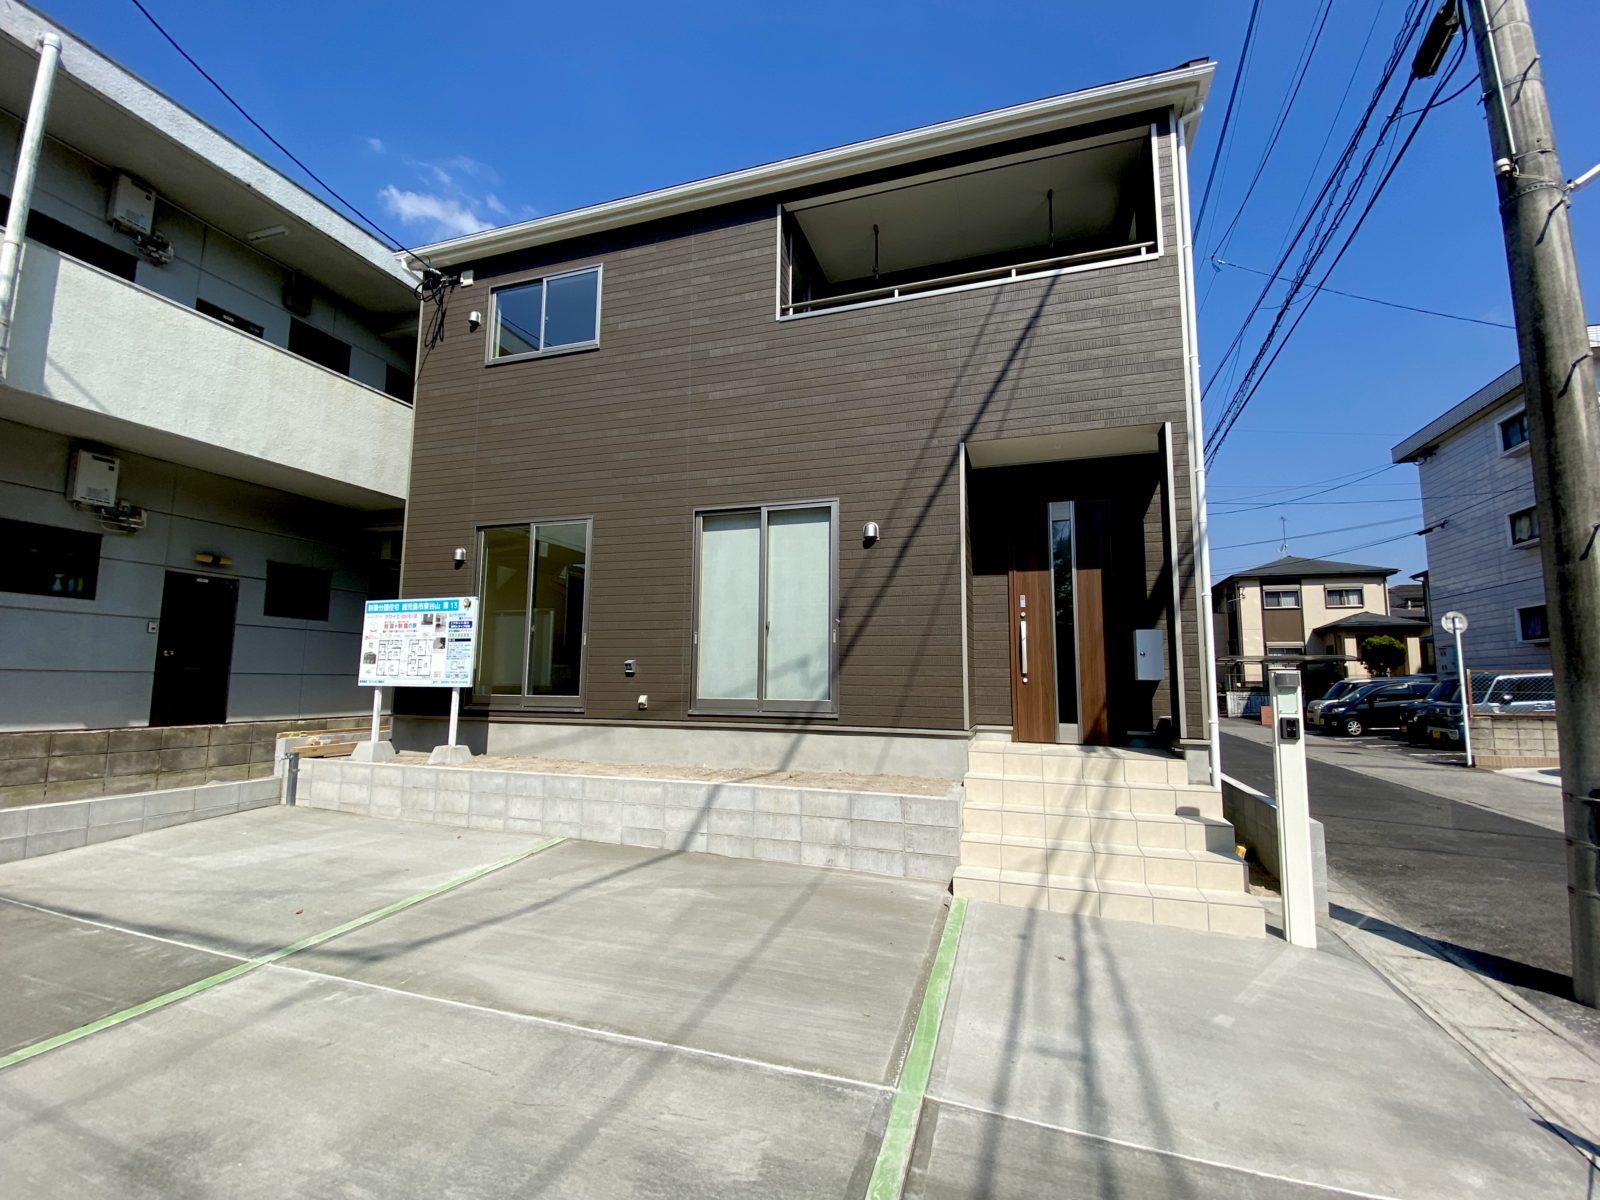 オープンハウス開催in東谷山3丁目 【鹿児島市】